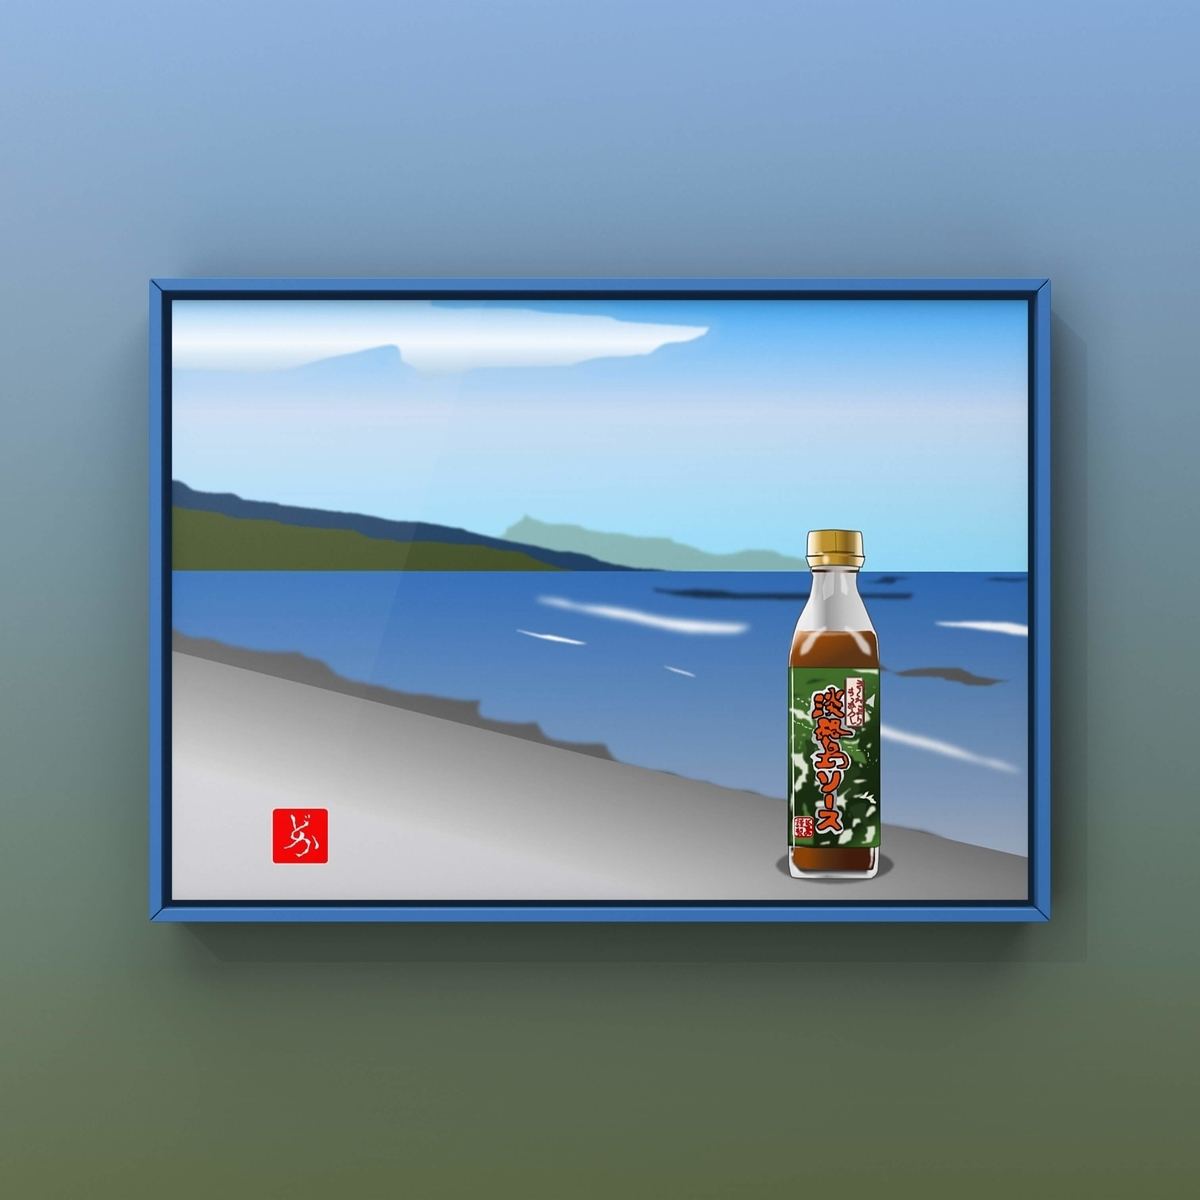 浜田屋本店の玉ねぎふんだんに使った「淡路島ソース」のエクセル画イラスト海篇額装版